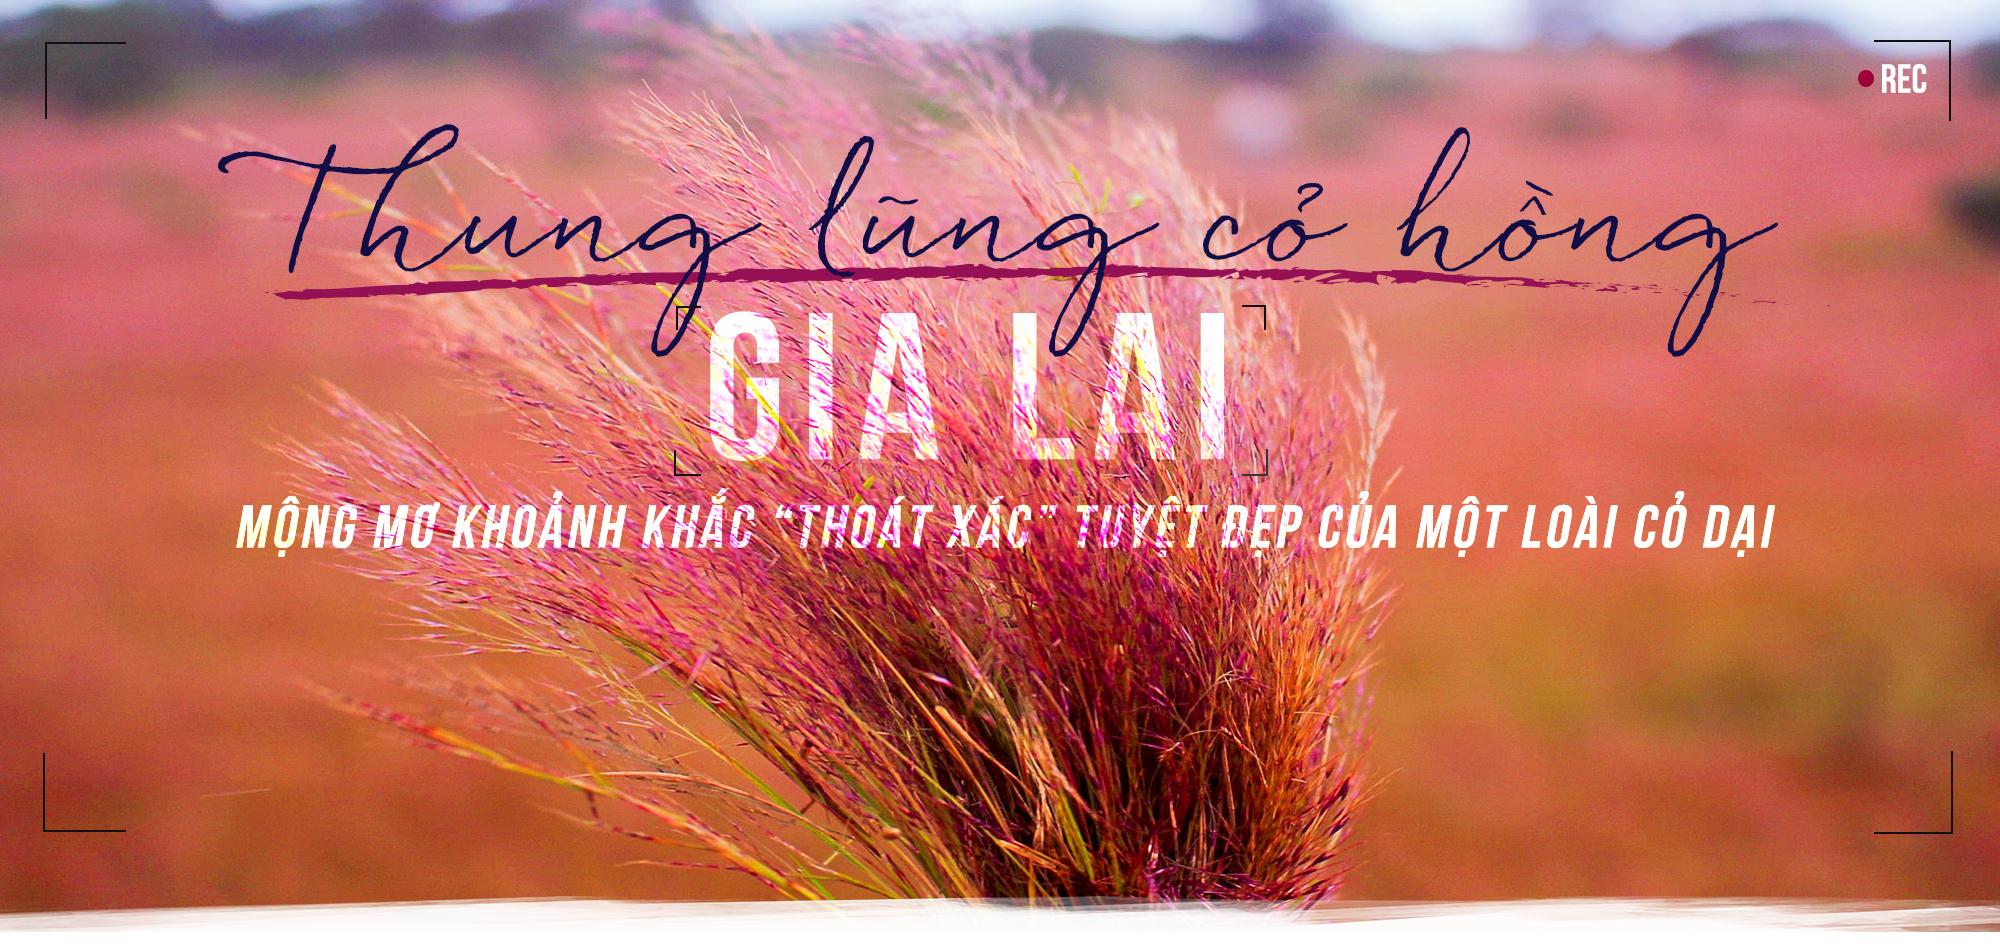 Thung lũng cỏ hồng,Du lịch,Gia Lai